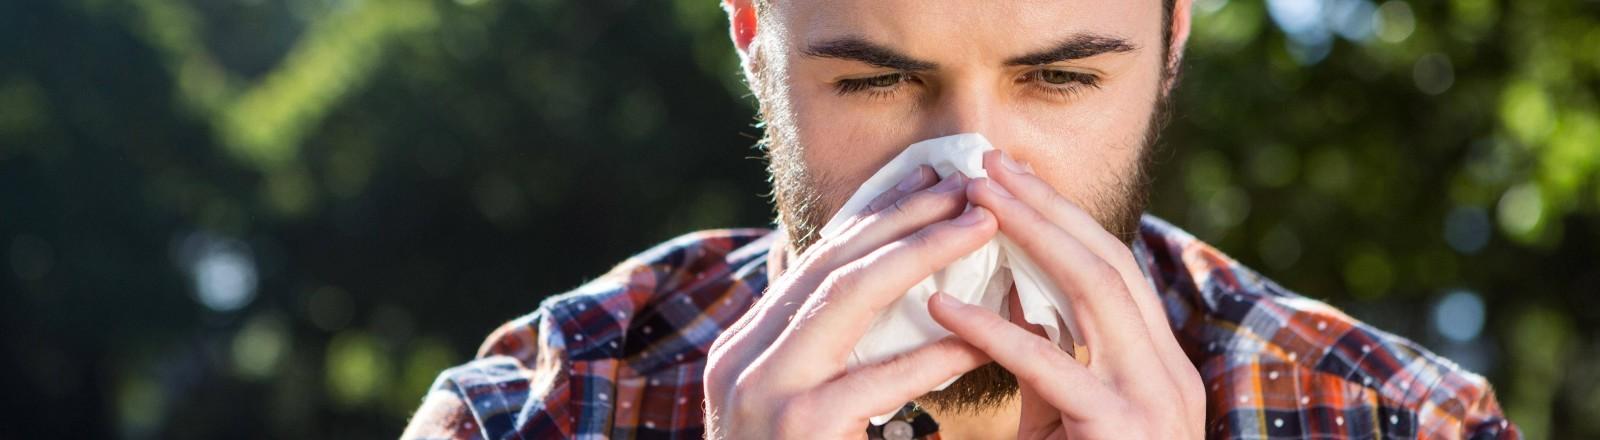 Ein Mann putzt sich die Nase in der Natur